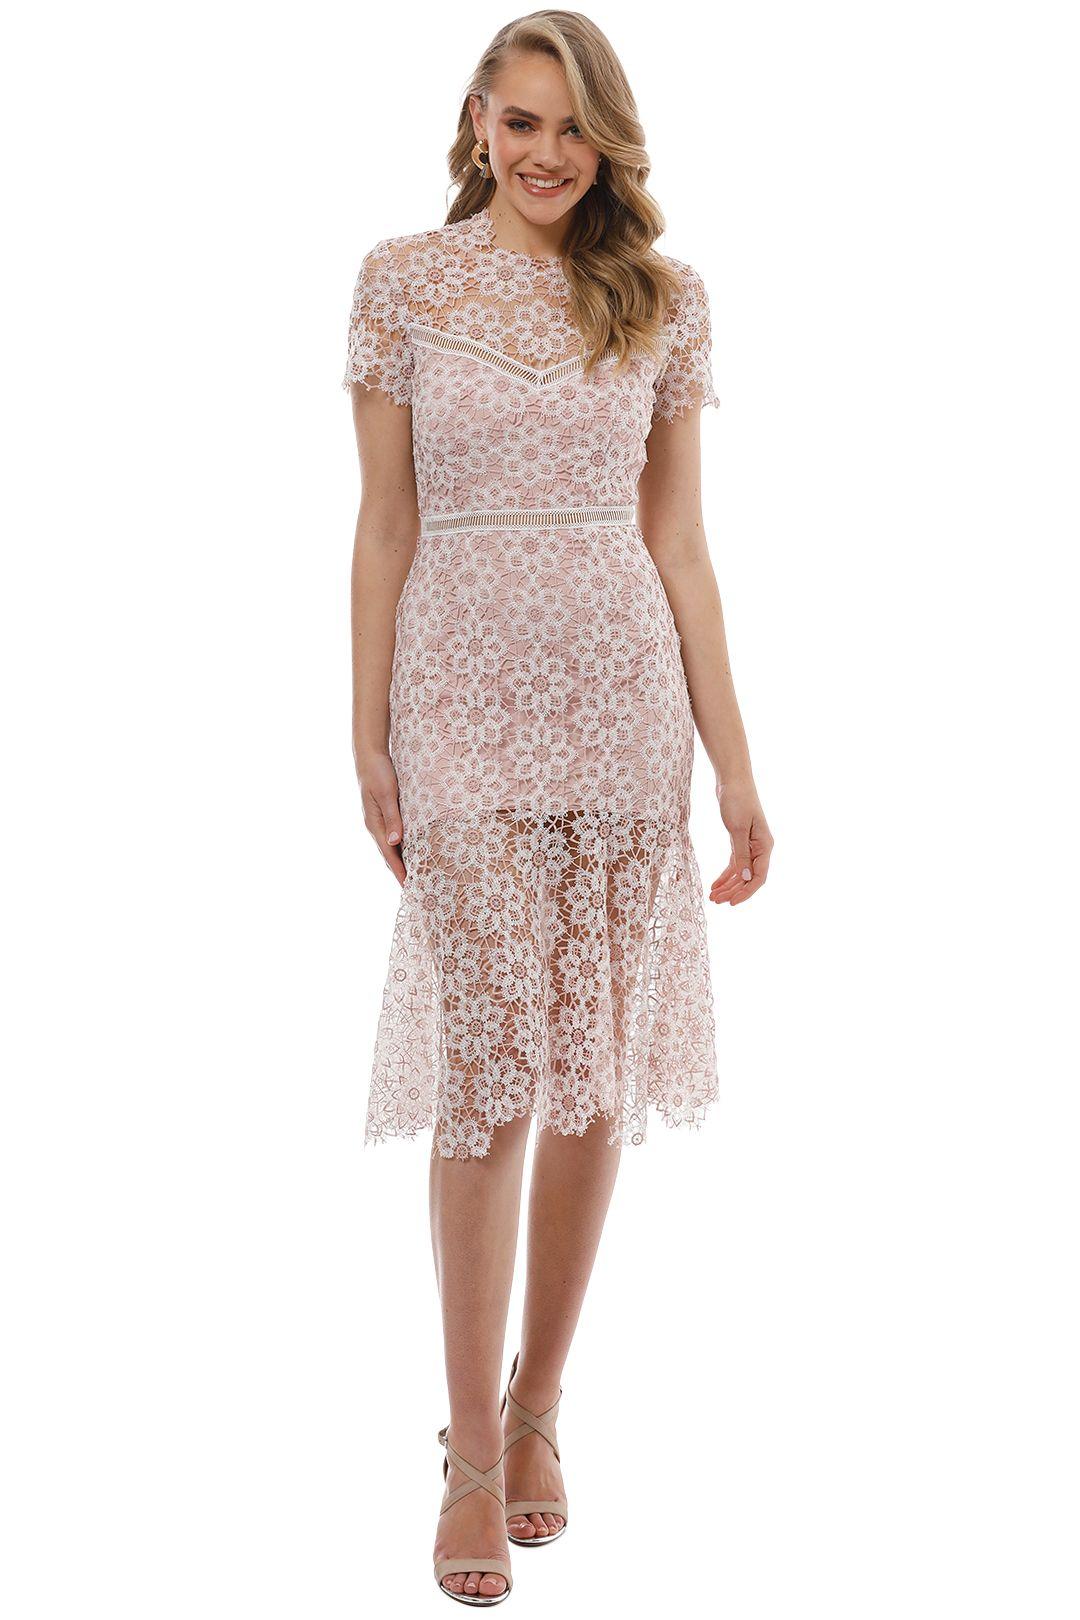 Saylor - Lillie Dress - Front